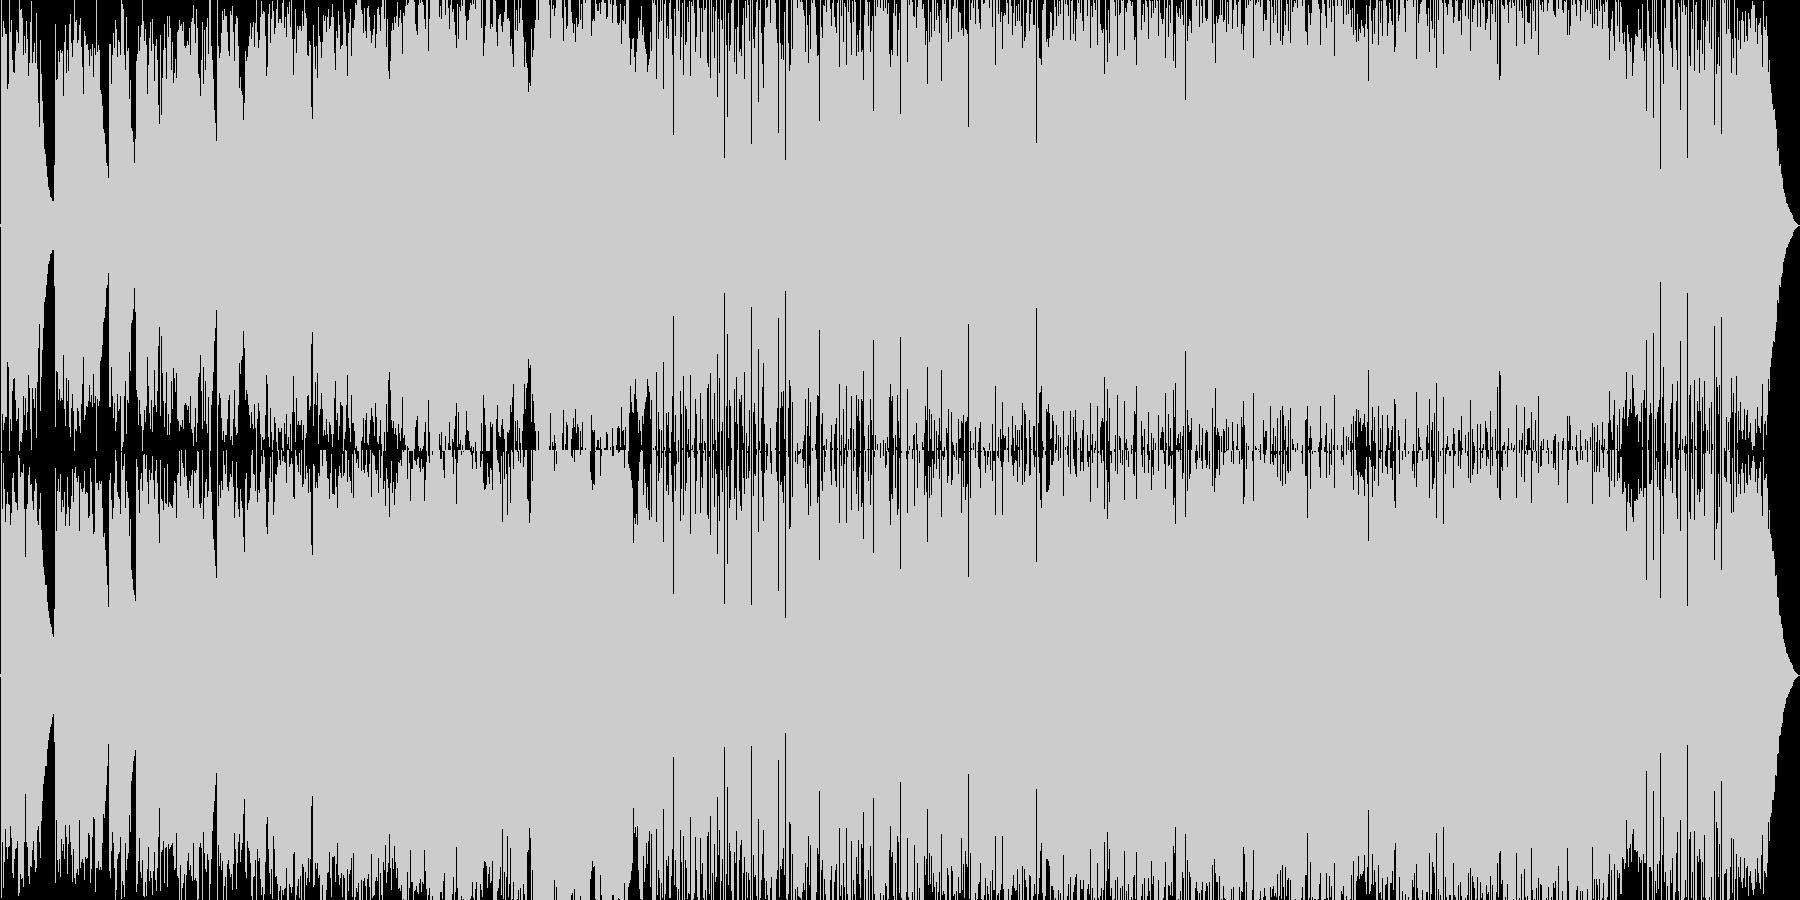 アコースティックなポップな感動バラードの未再生の波形